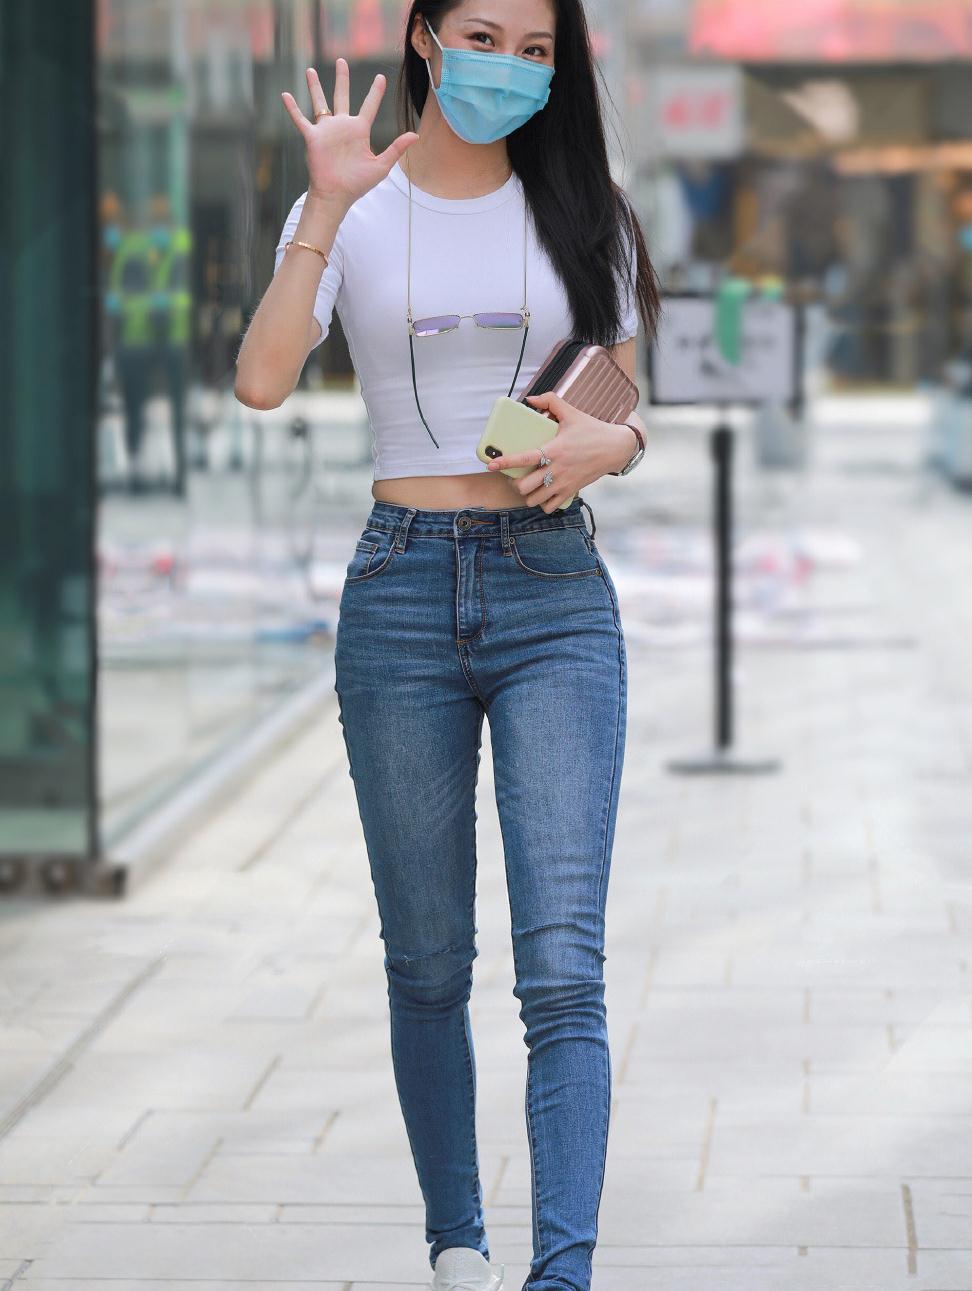 夏日穿搭偏爱休闲风,牛仔裤搭配短款T恤,舒适气质又彰显个性